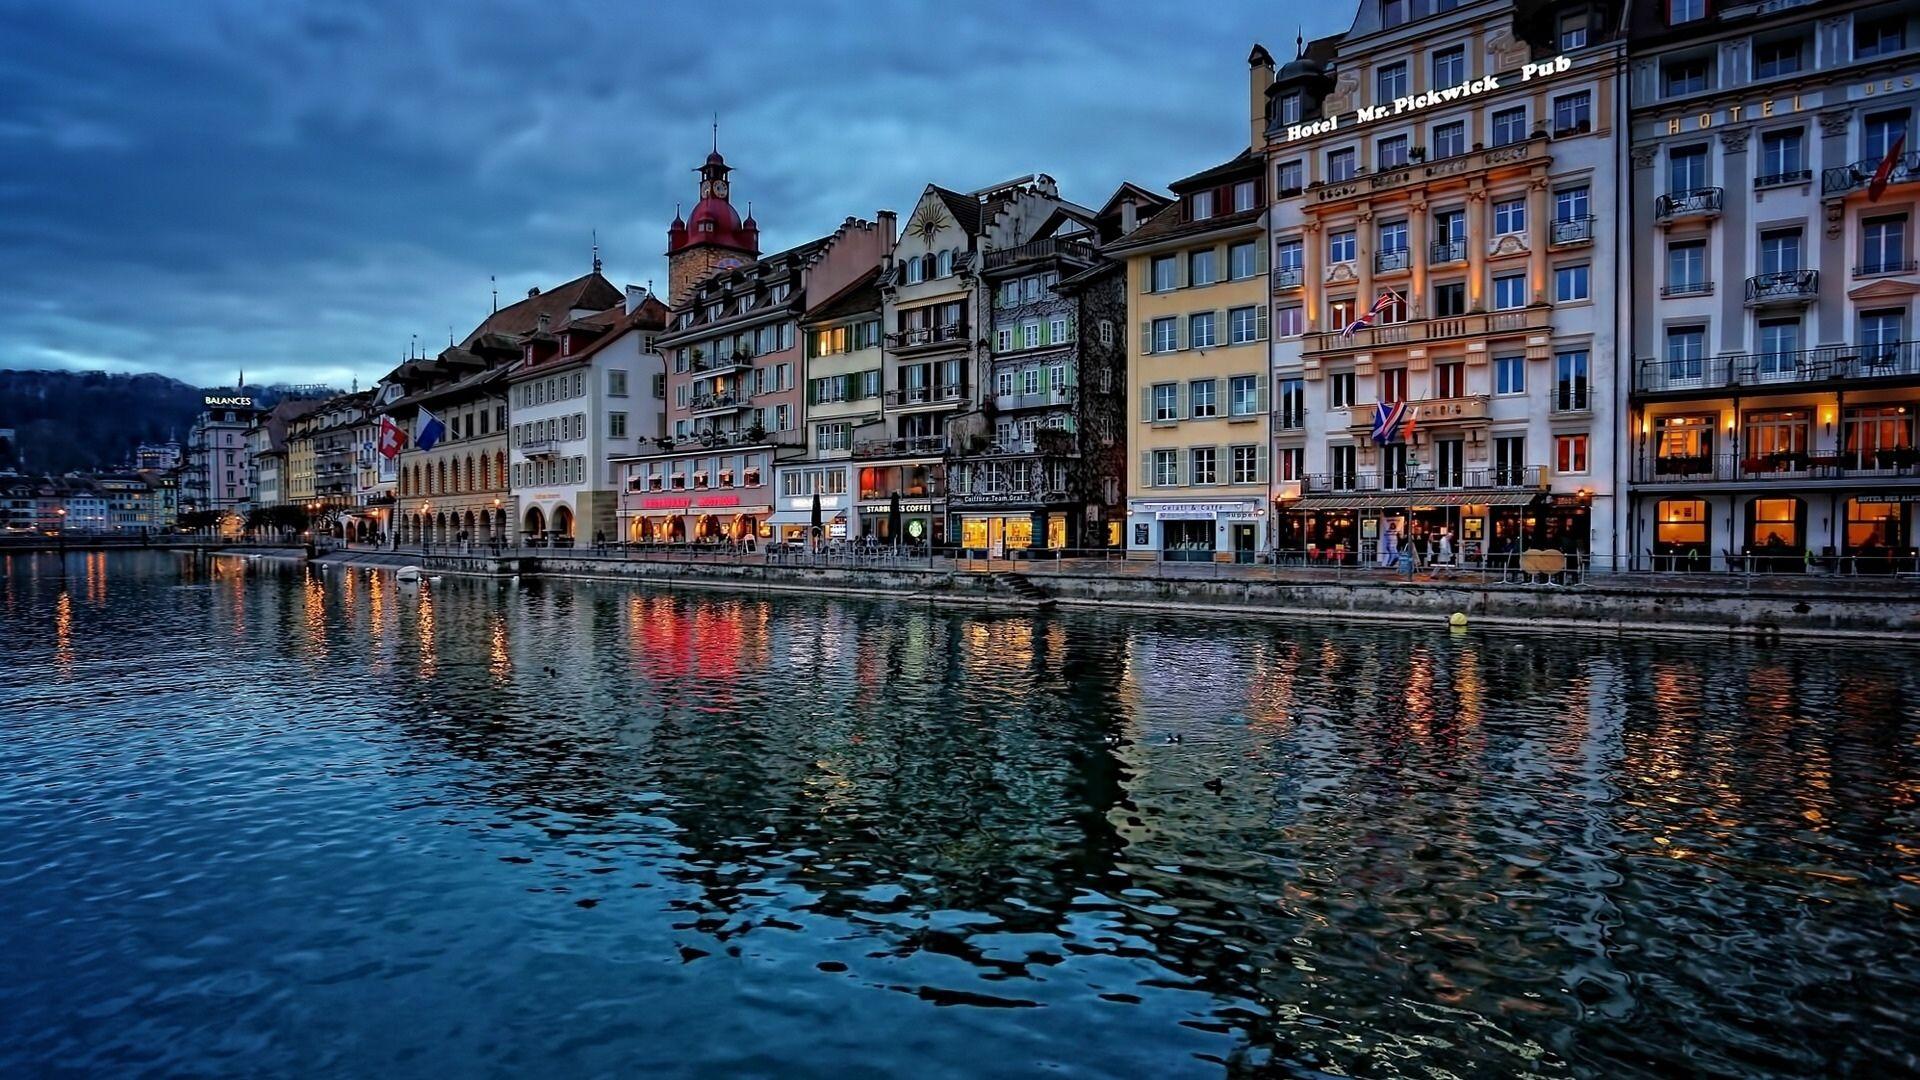 瑞士卢塞恩风景图片高清电脑桌面壁纸